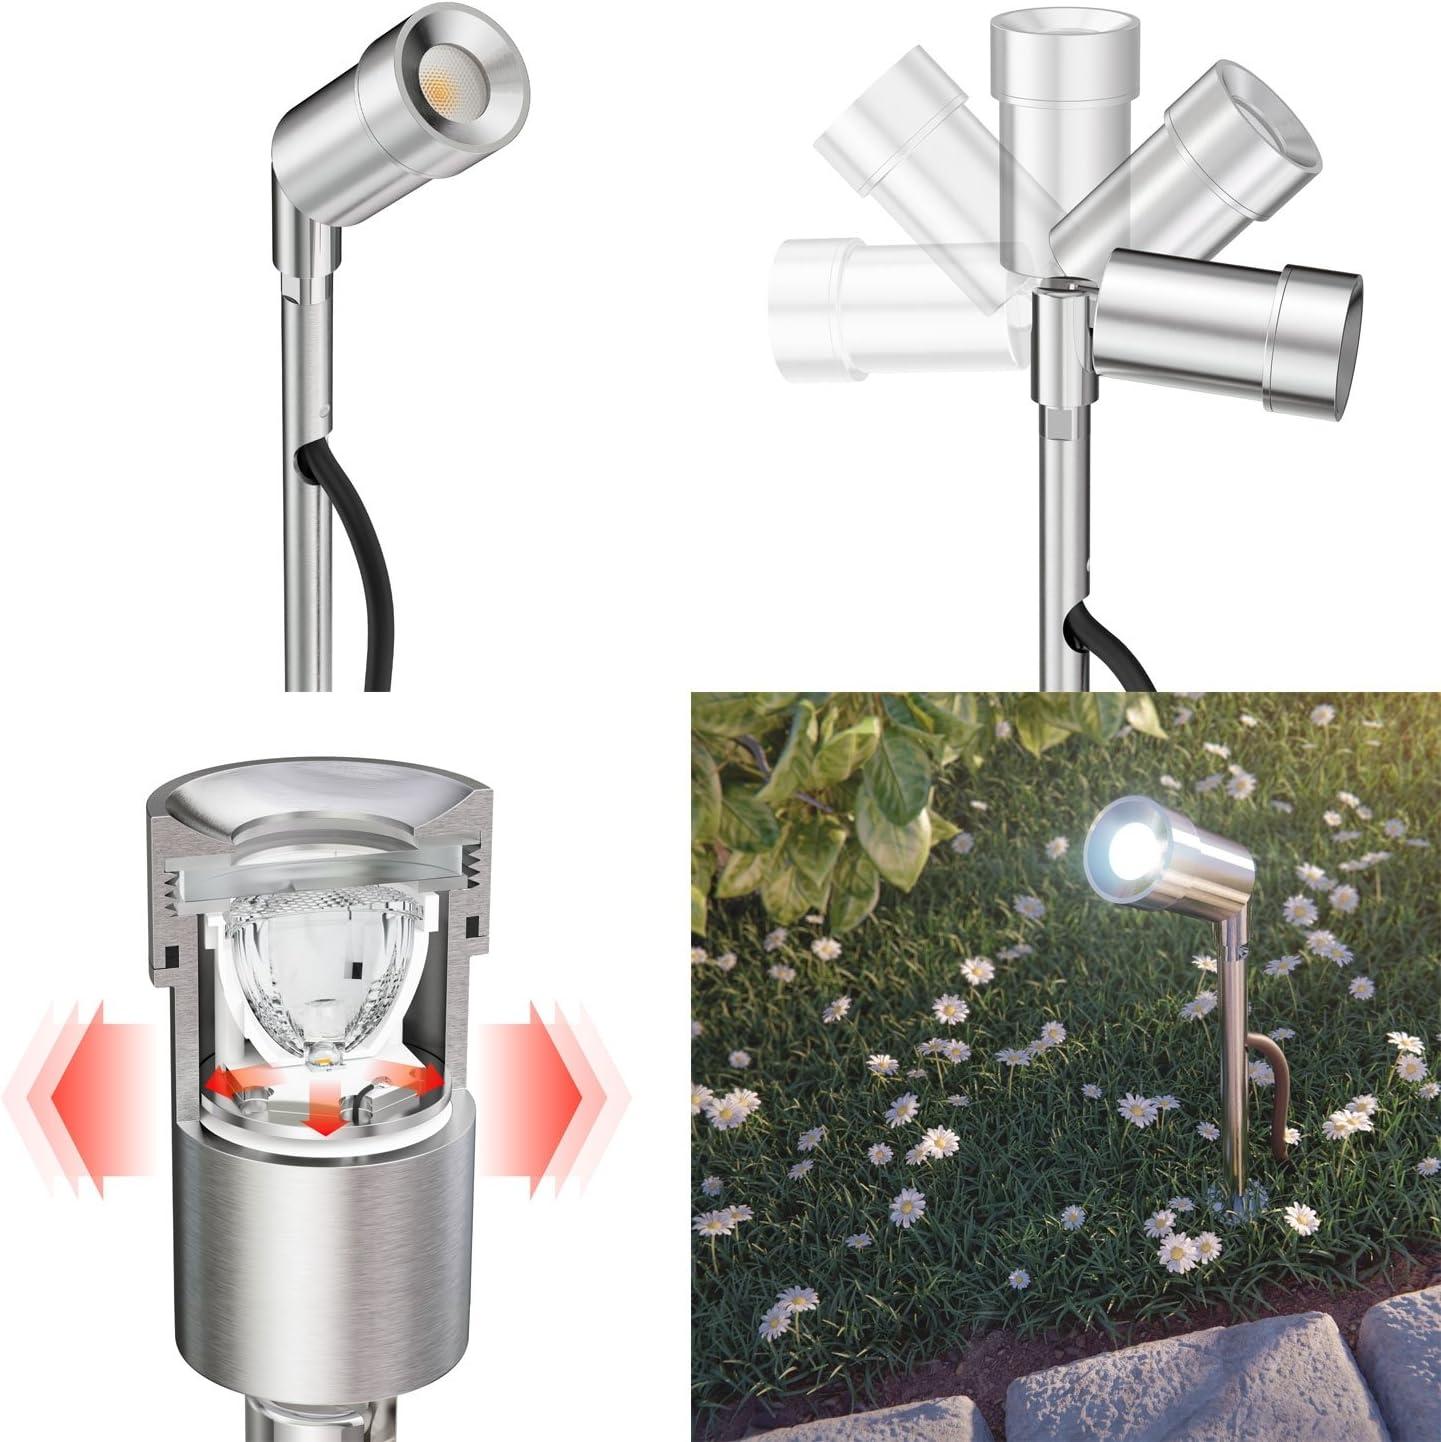 parlat LED Gartenstrahler Spico mit Erdspieß und Dämmerungssensor für außen IP44 68lm kalt-weiß 3er Set 2er-Set